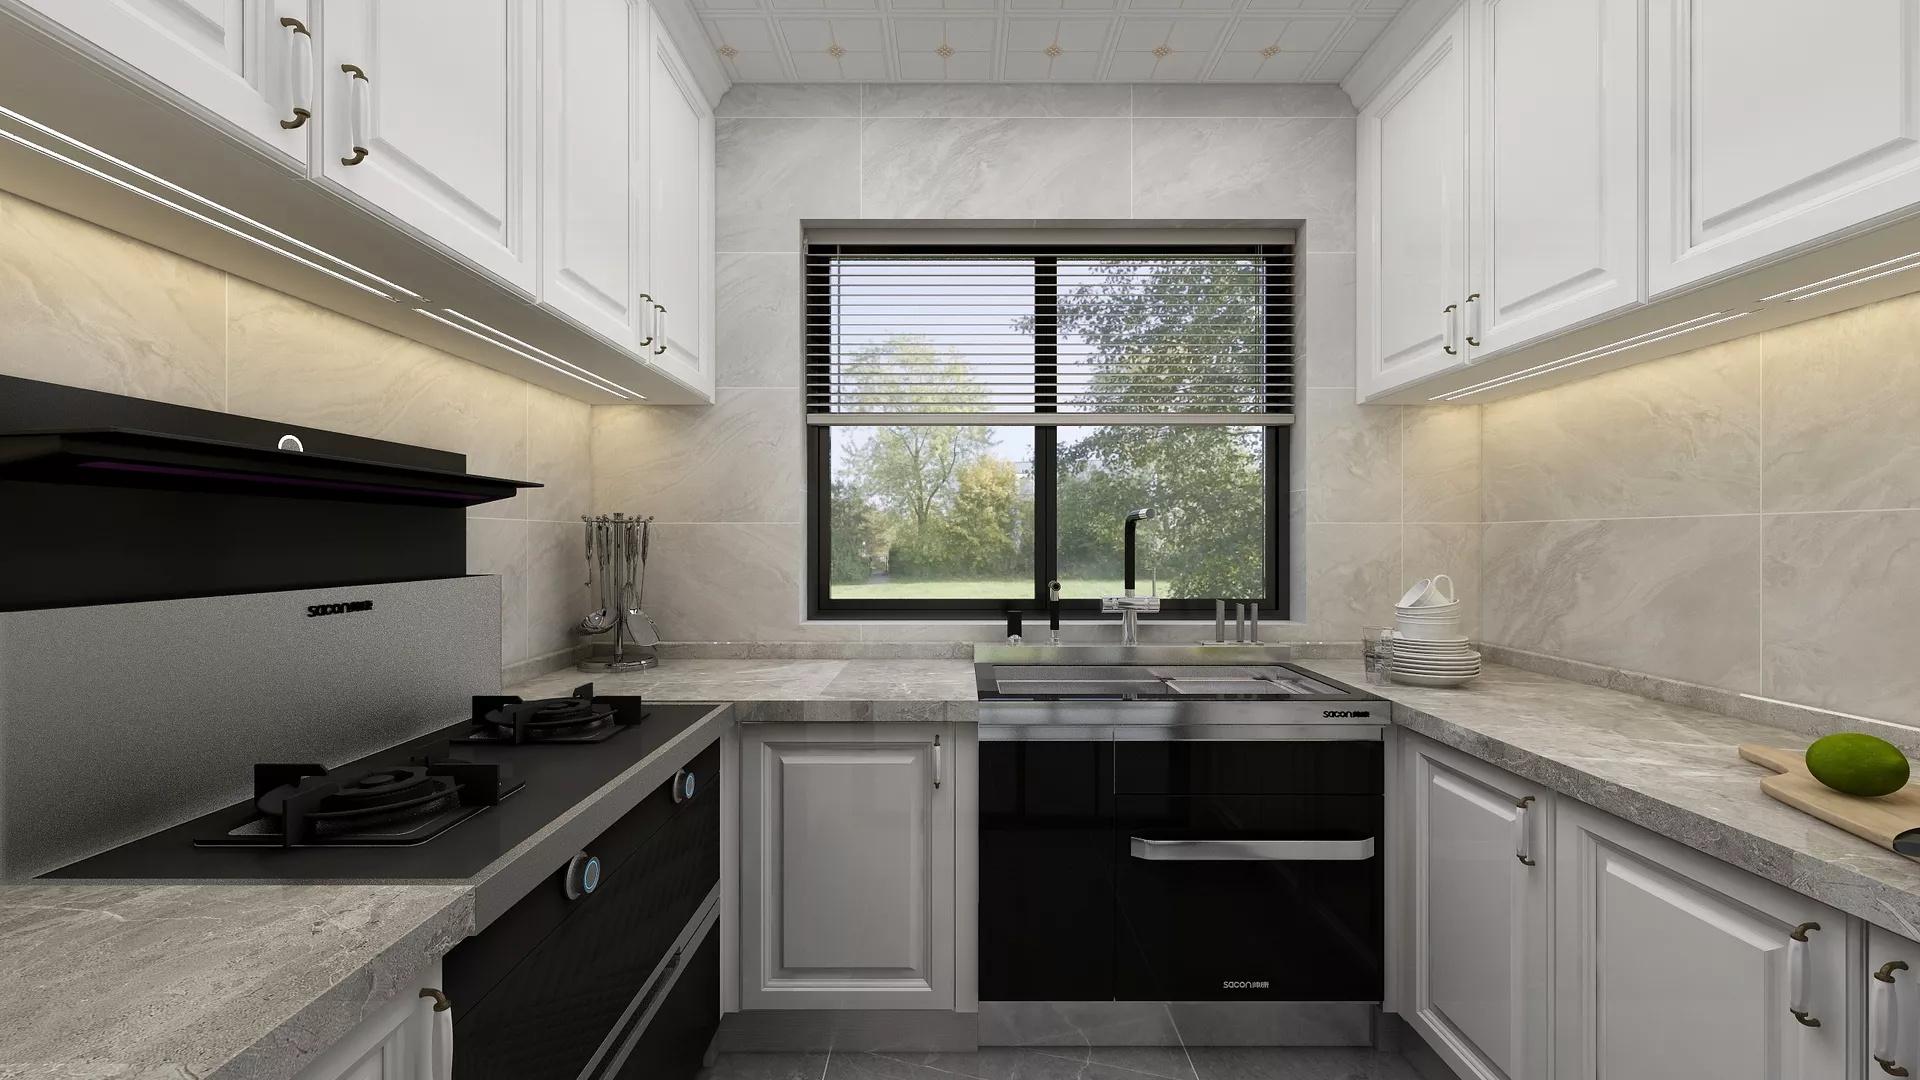 铝合金门窗安装常见问题 铝合金门窗如何安装